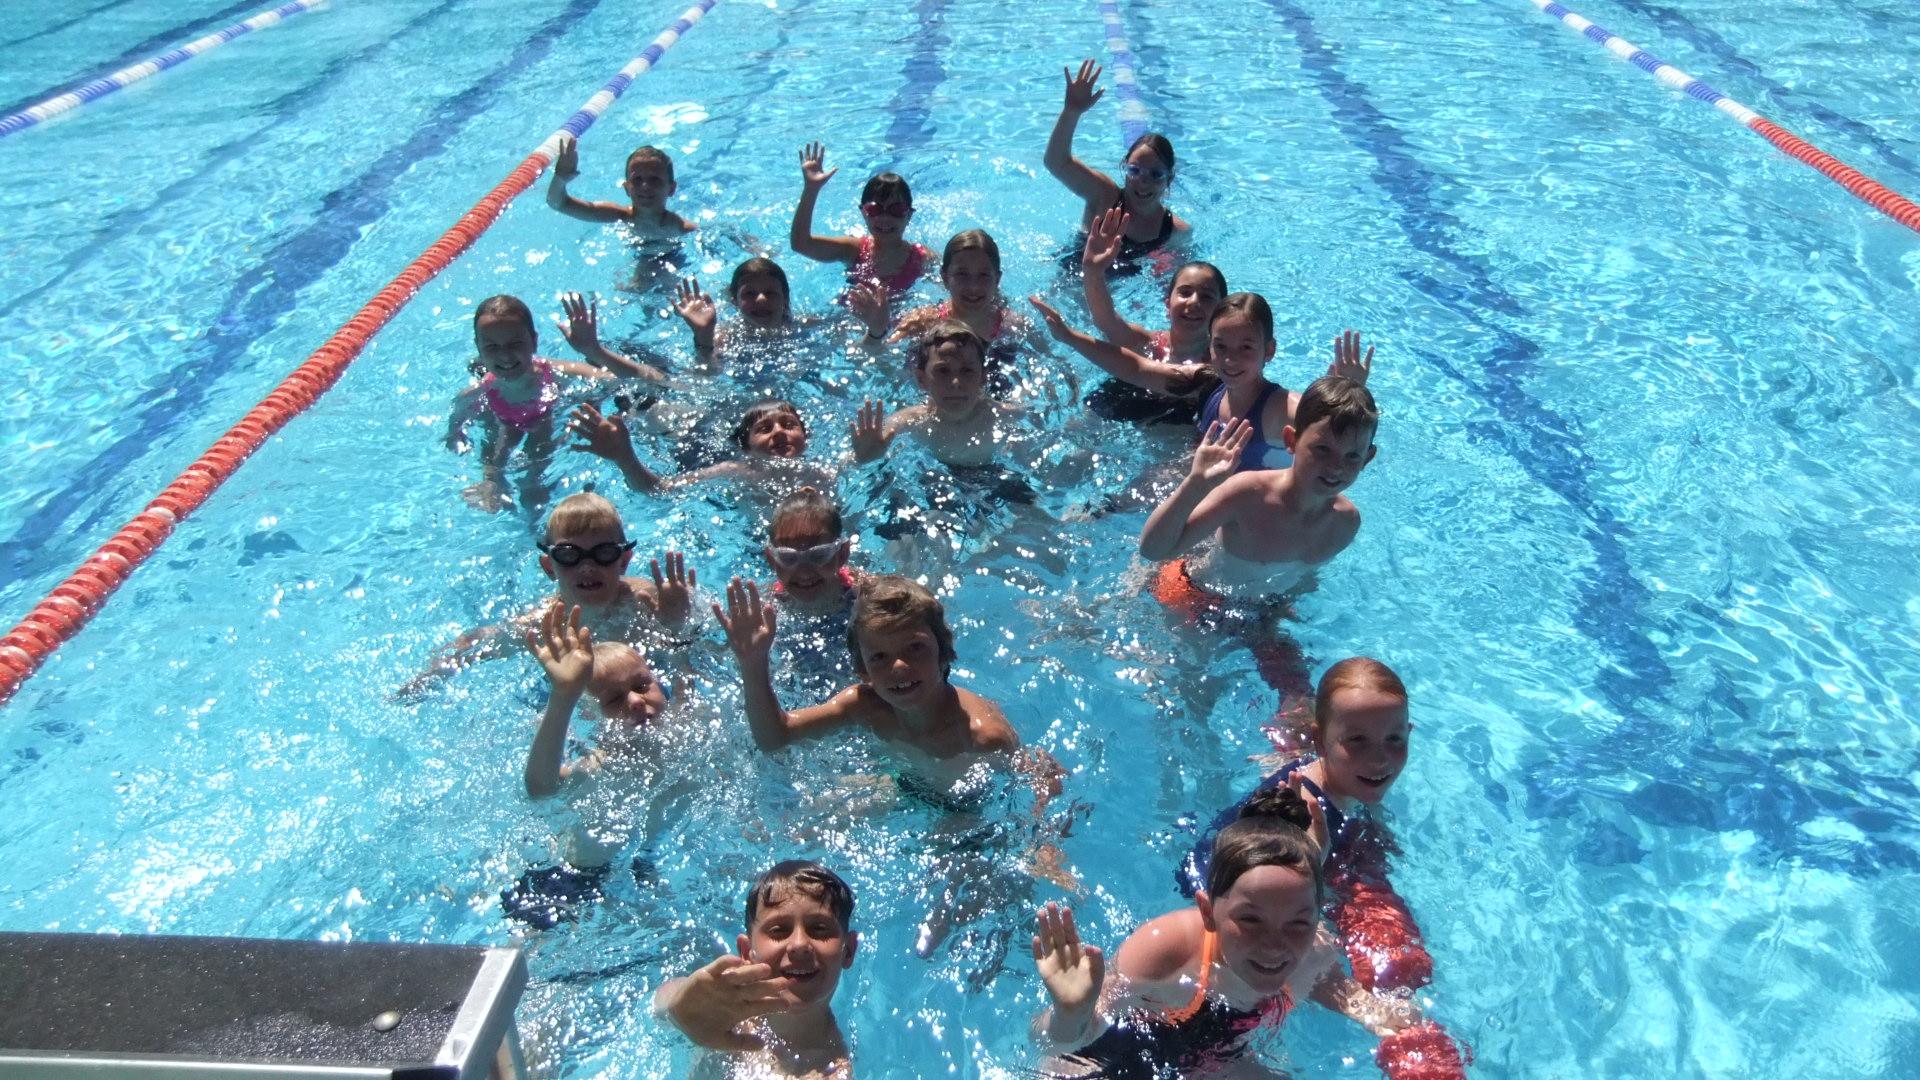 Sieger im 24-Stunden-Schwimmen